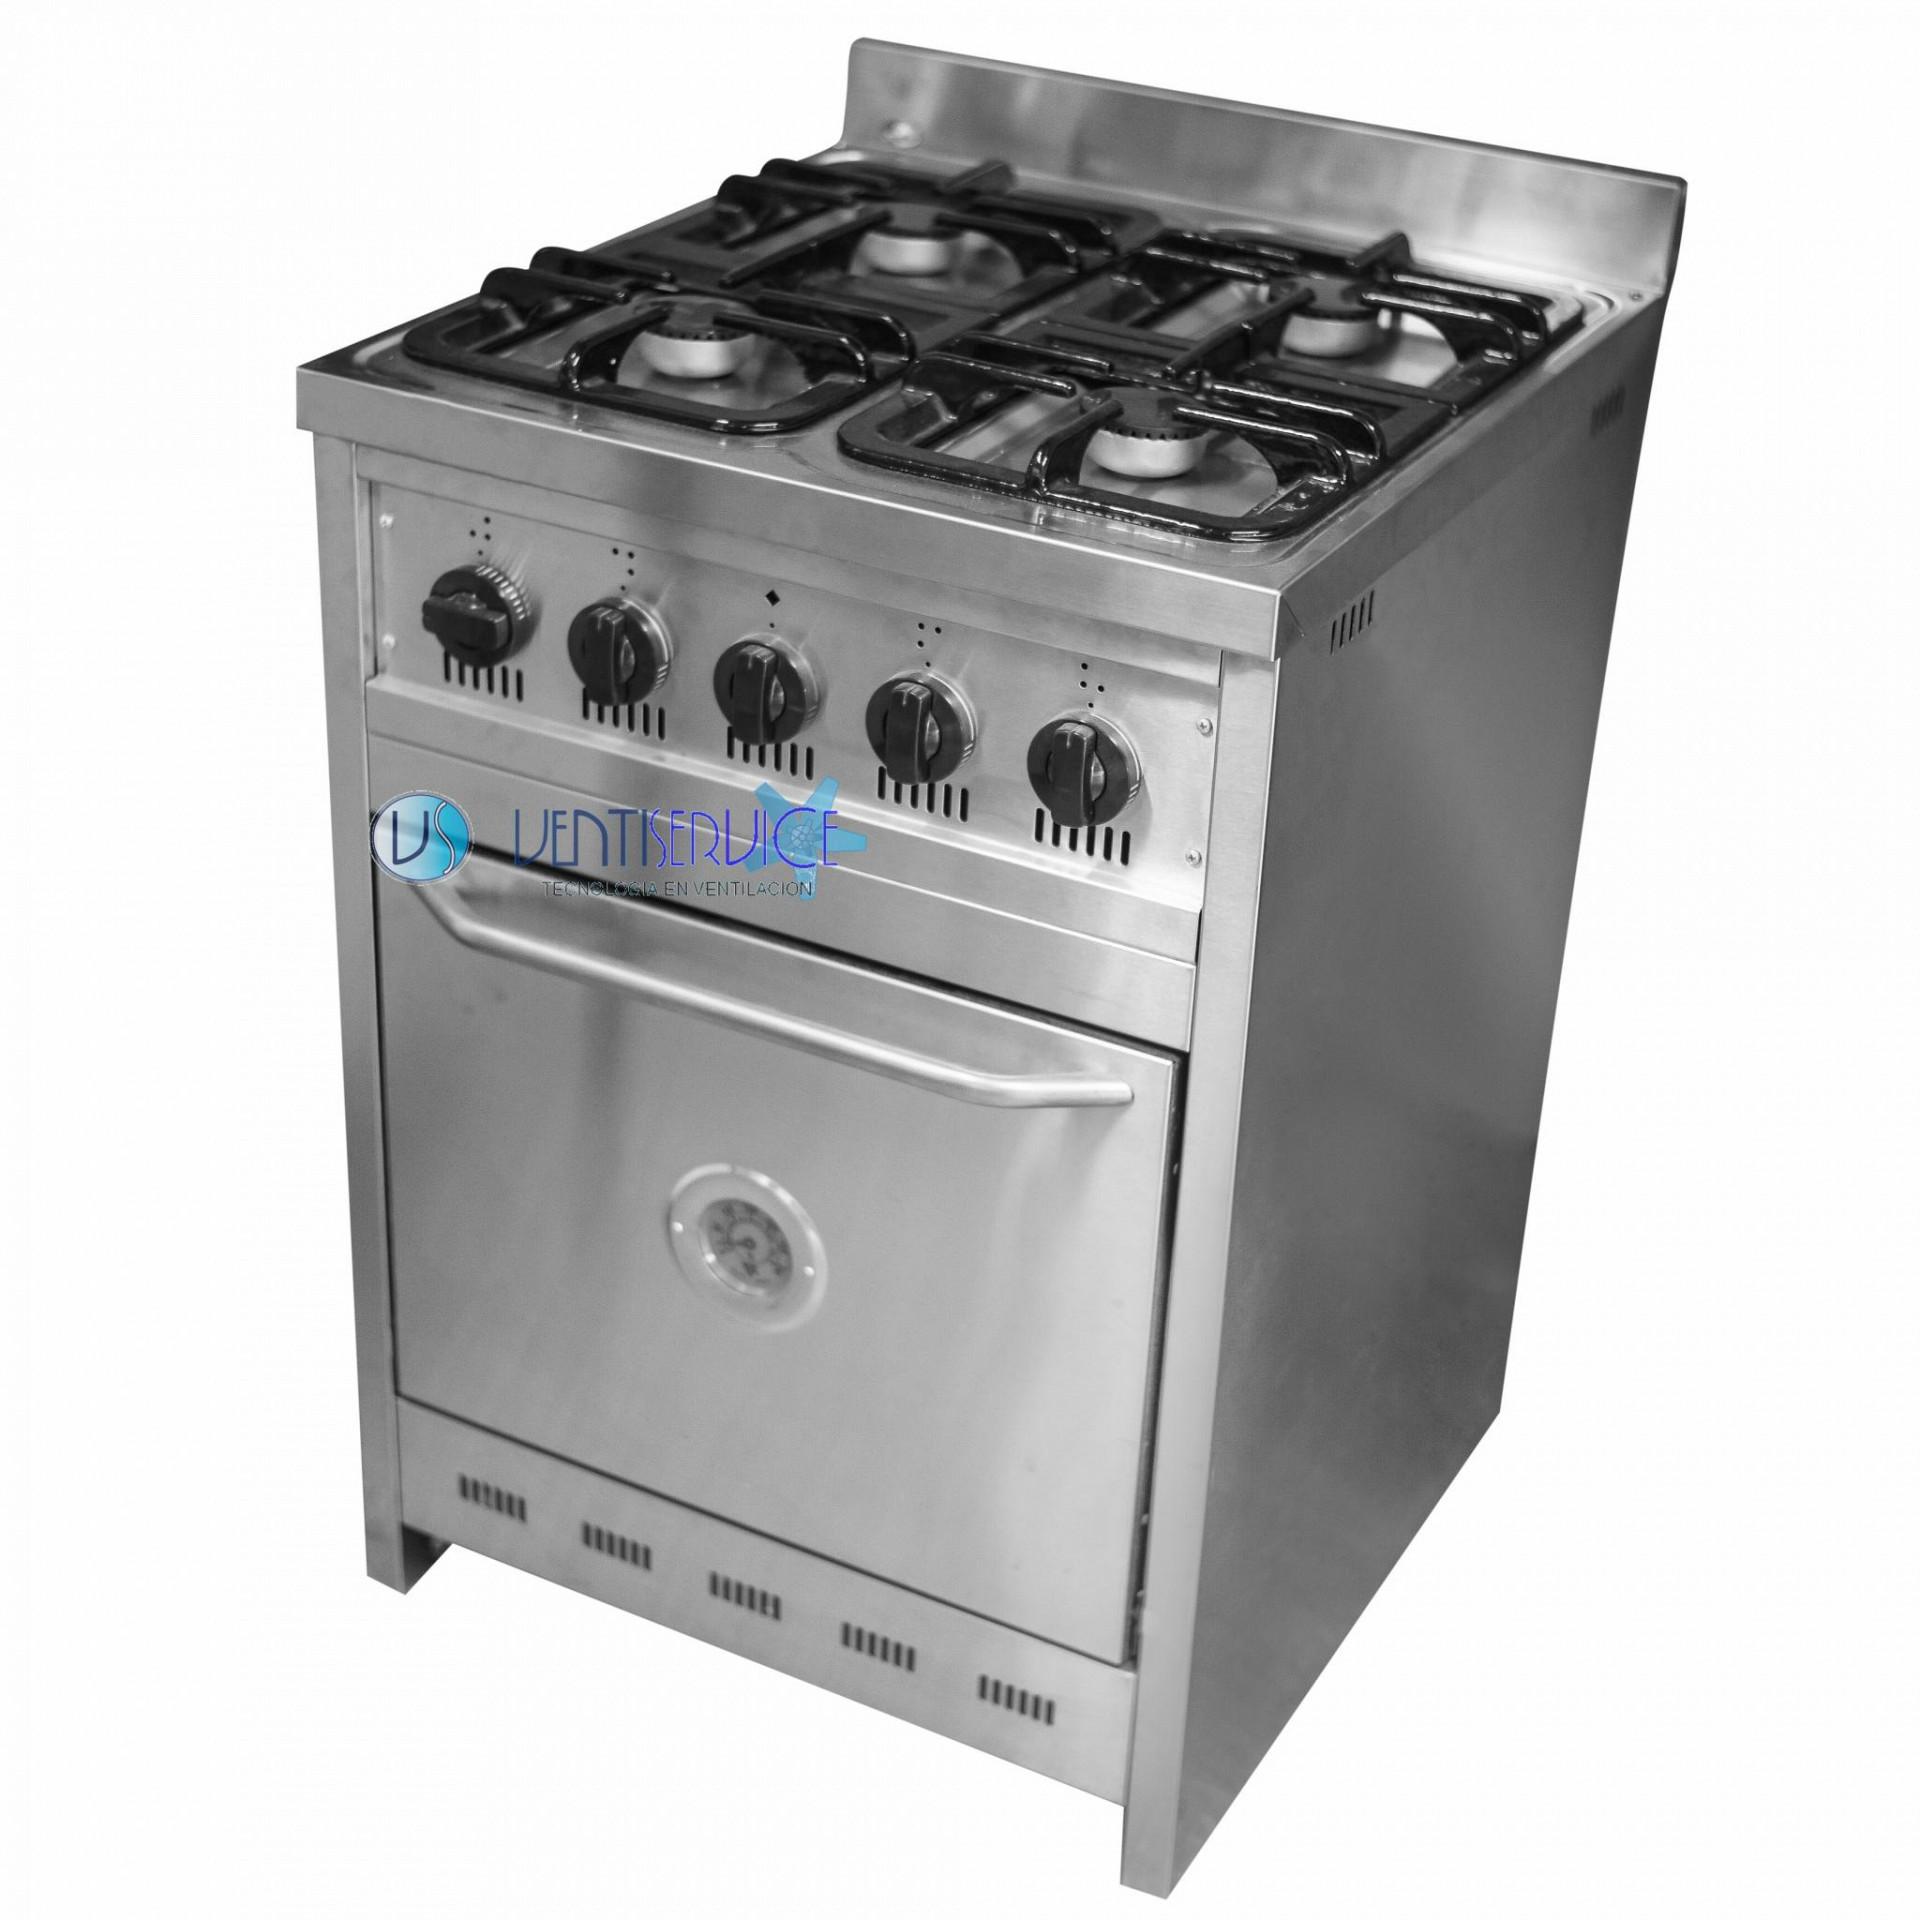 Bienvenido ventiservice campanas de cocina ventilacion for Manual de cocina industrial